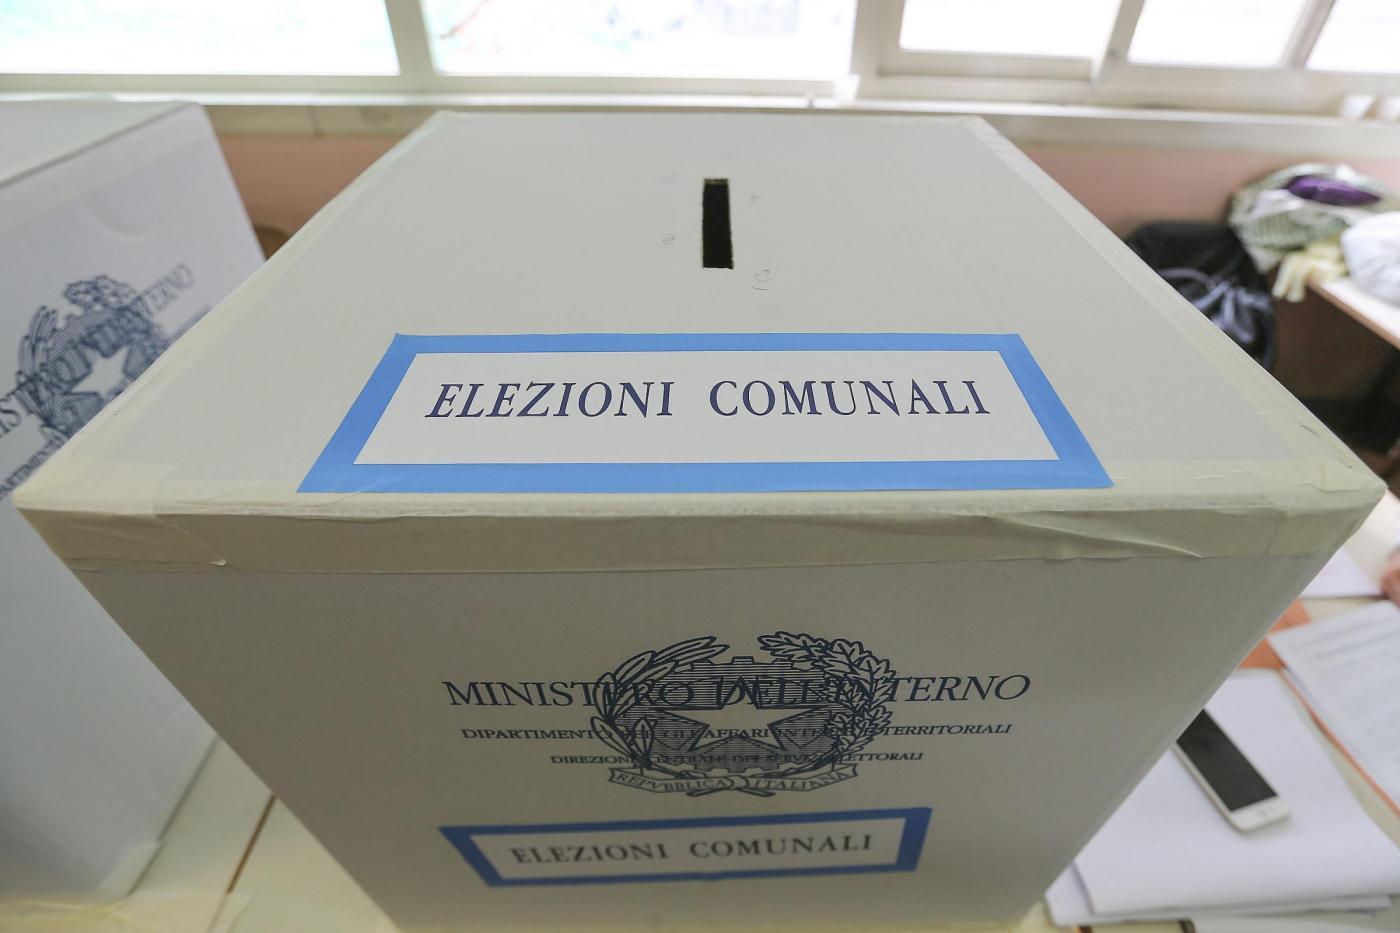 Elezioni amministrative 2017, quando e dove si vota?